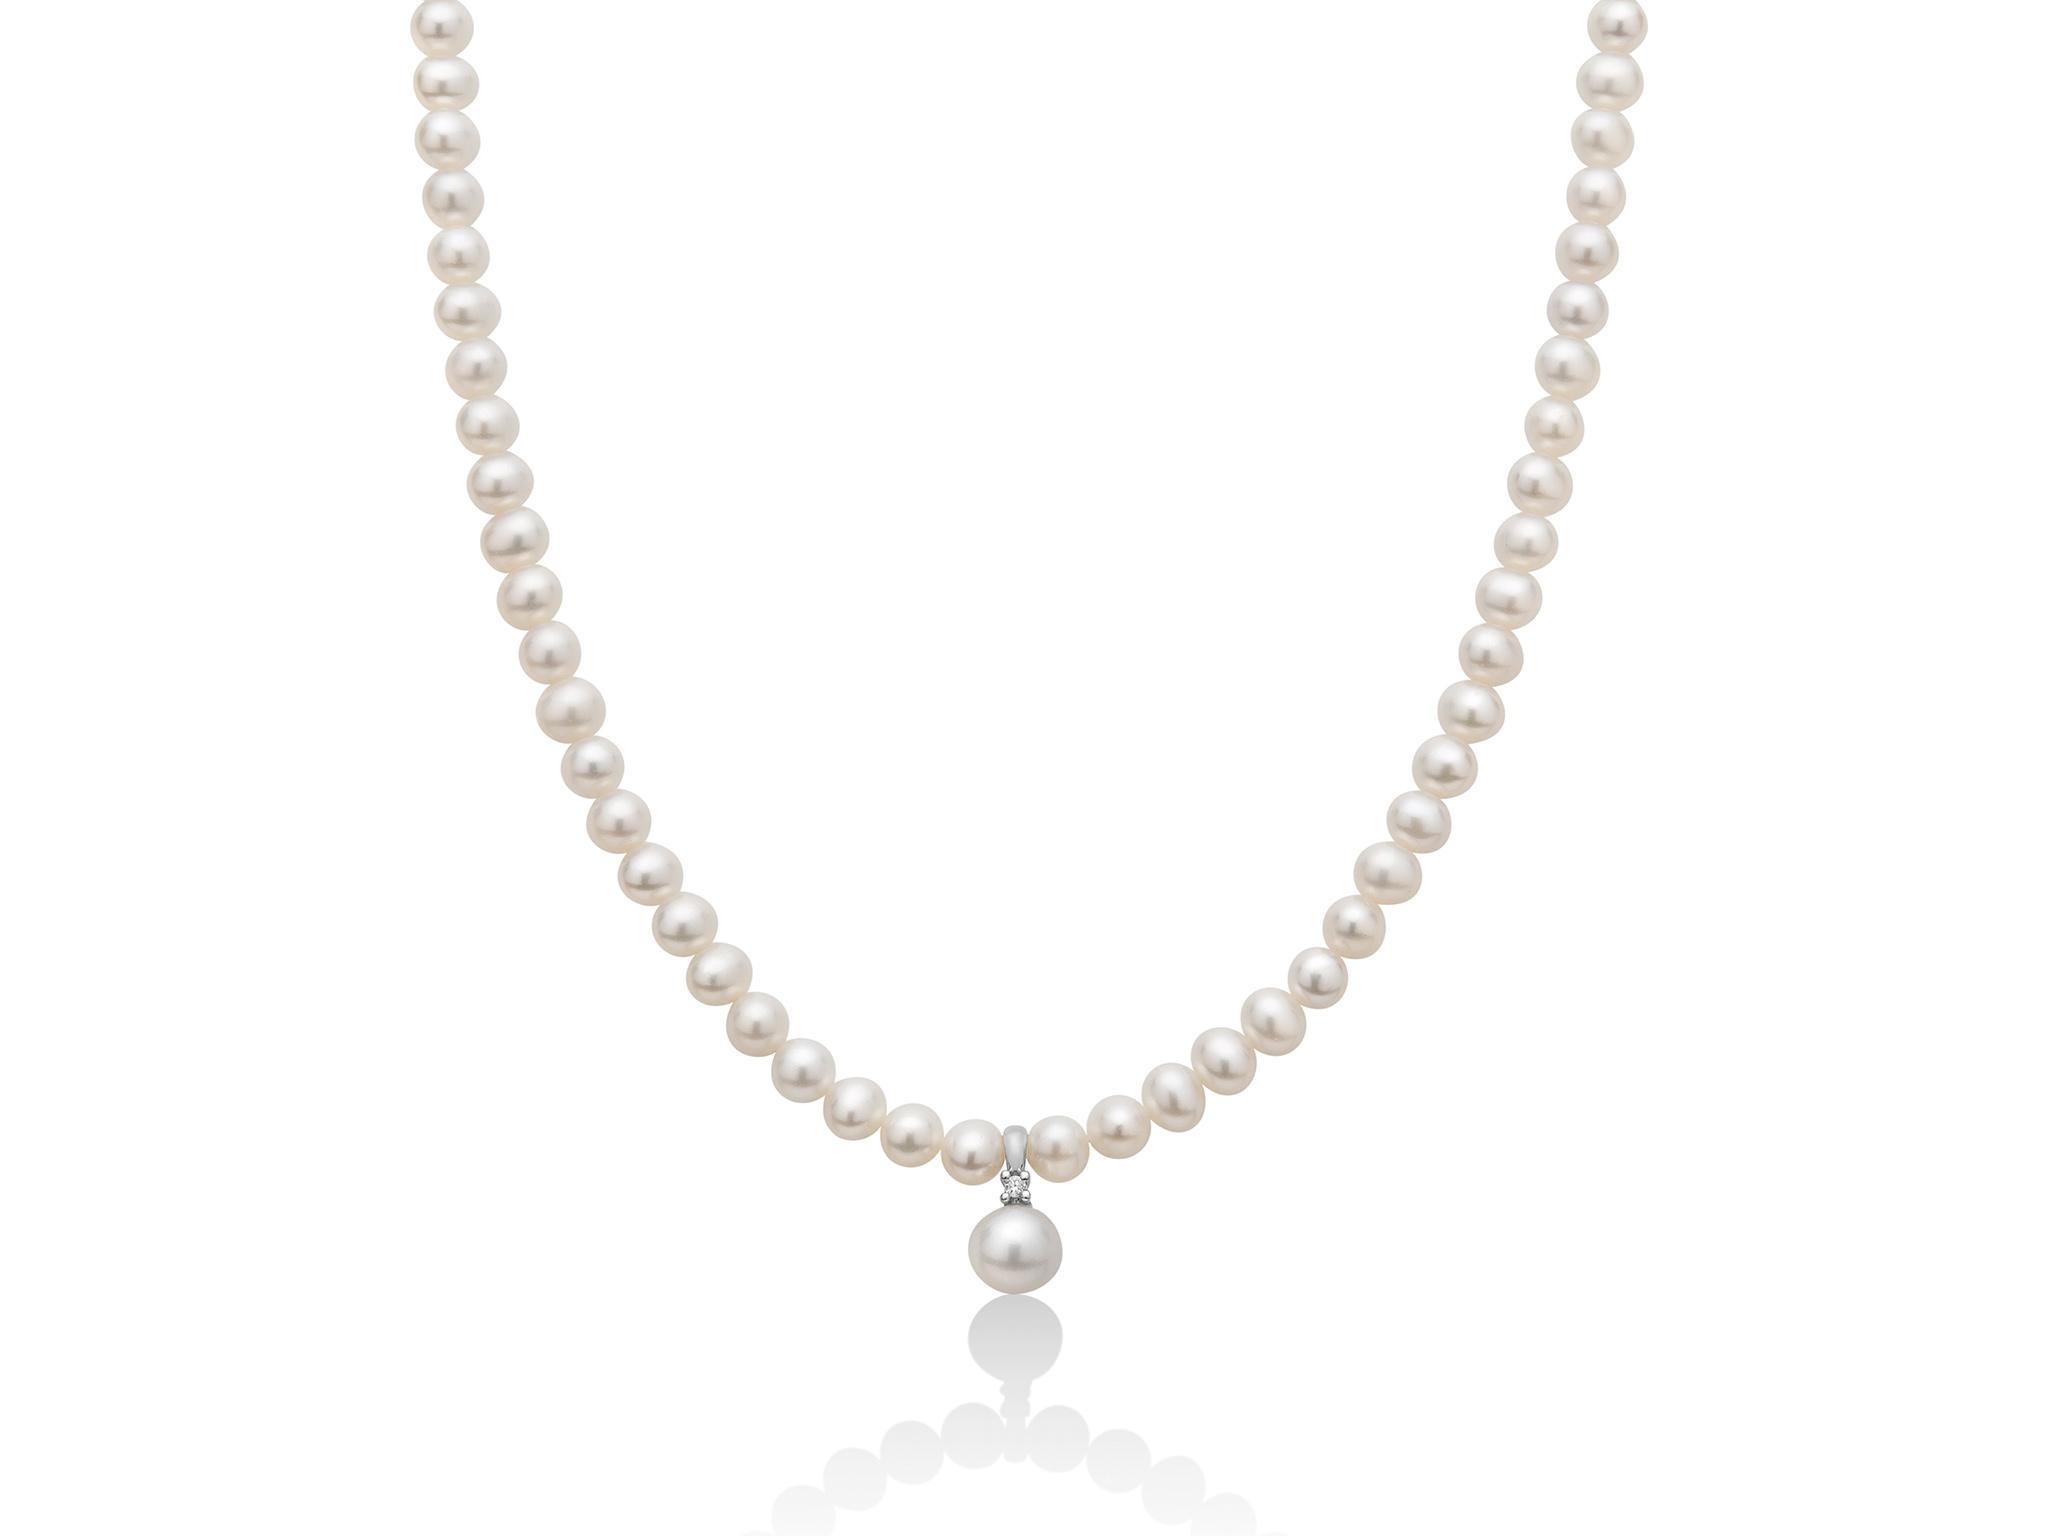 Collana di perle con pendente di perla. - PCL5528V